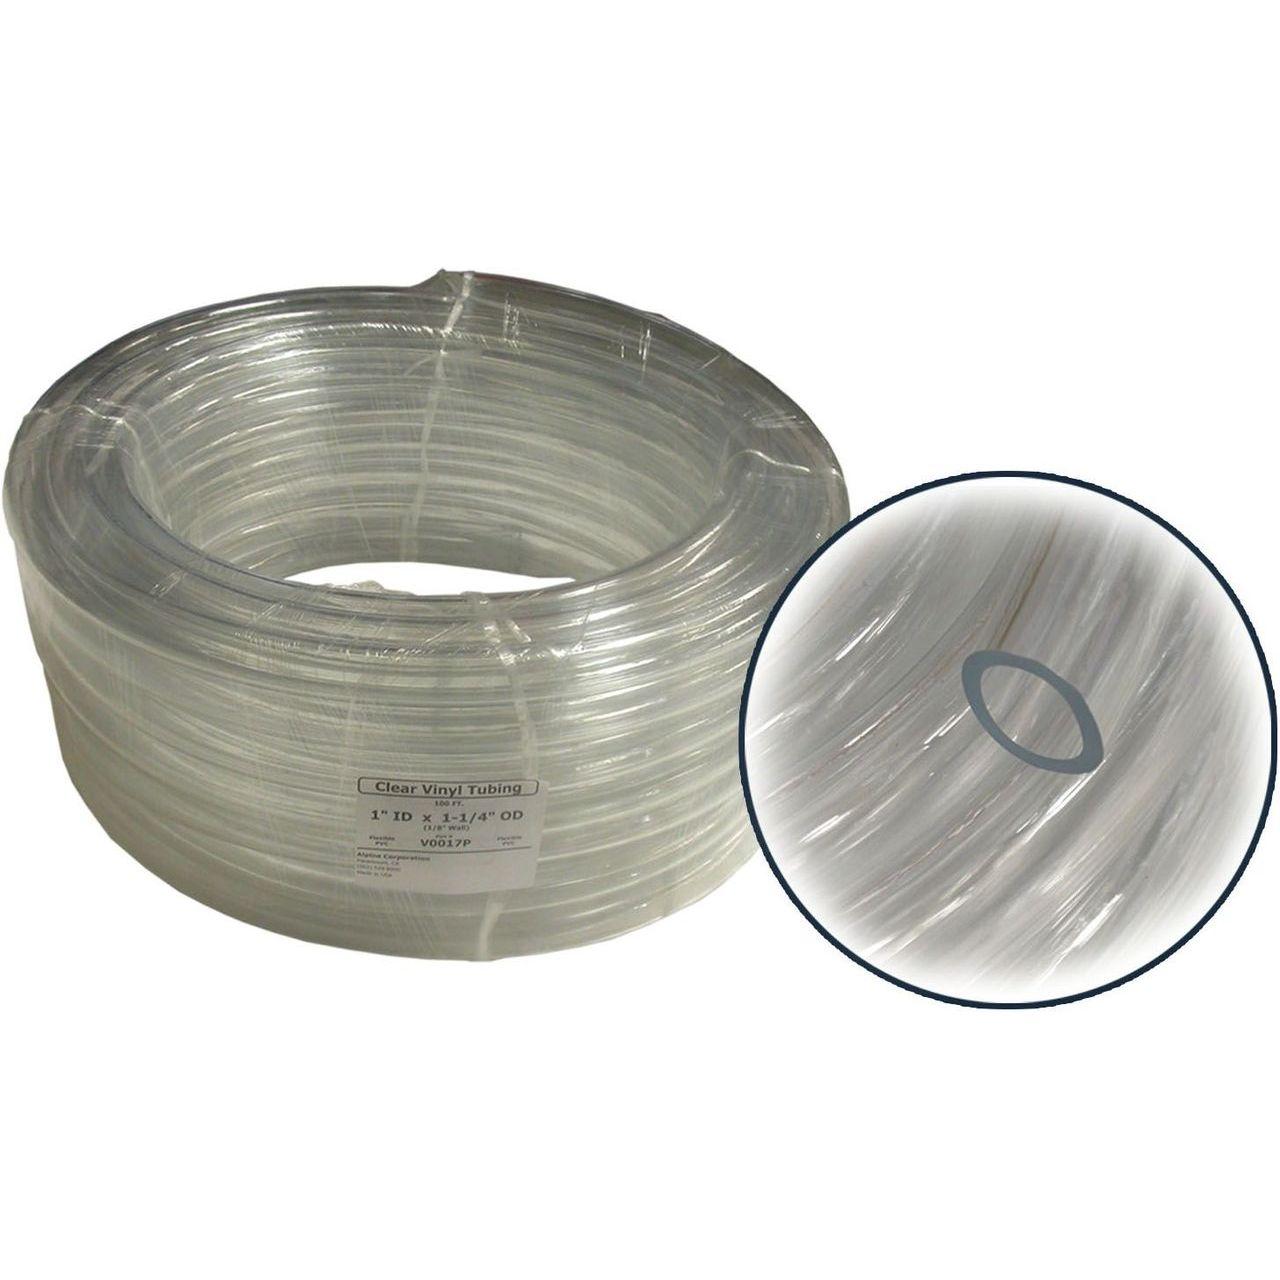 Alpine V0587P PVC Clear Tubing - 5/8'' ID x 7/8'' OD x 1/8'' Wall x 100' Coil